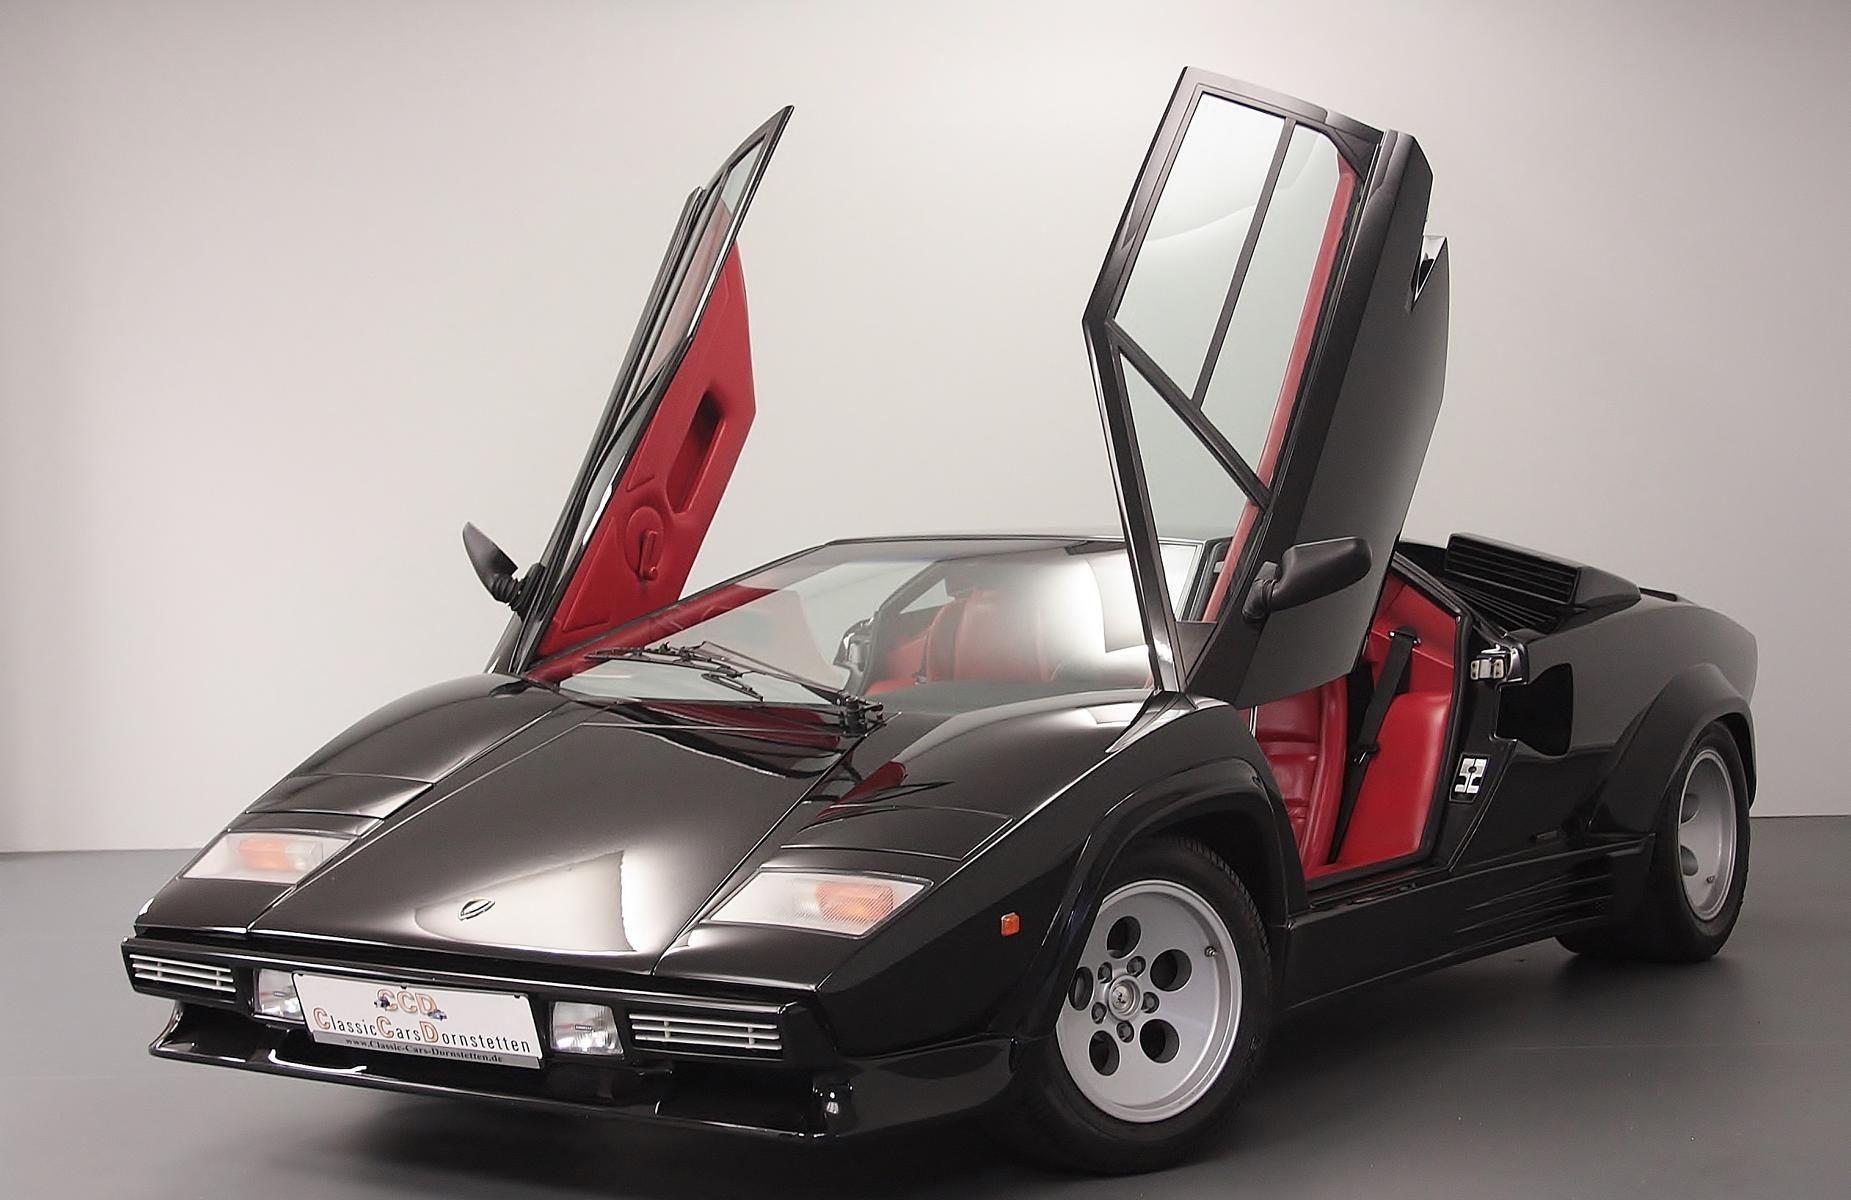 7035a1d7c465f32d0b465738344157e1 Marvelous Lamborghini Countach Nfs Hot Pursuit Cars Trend